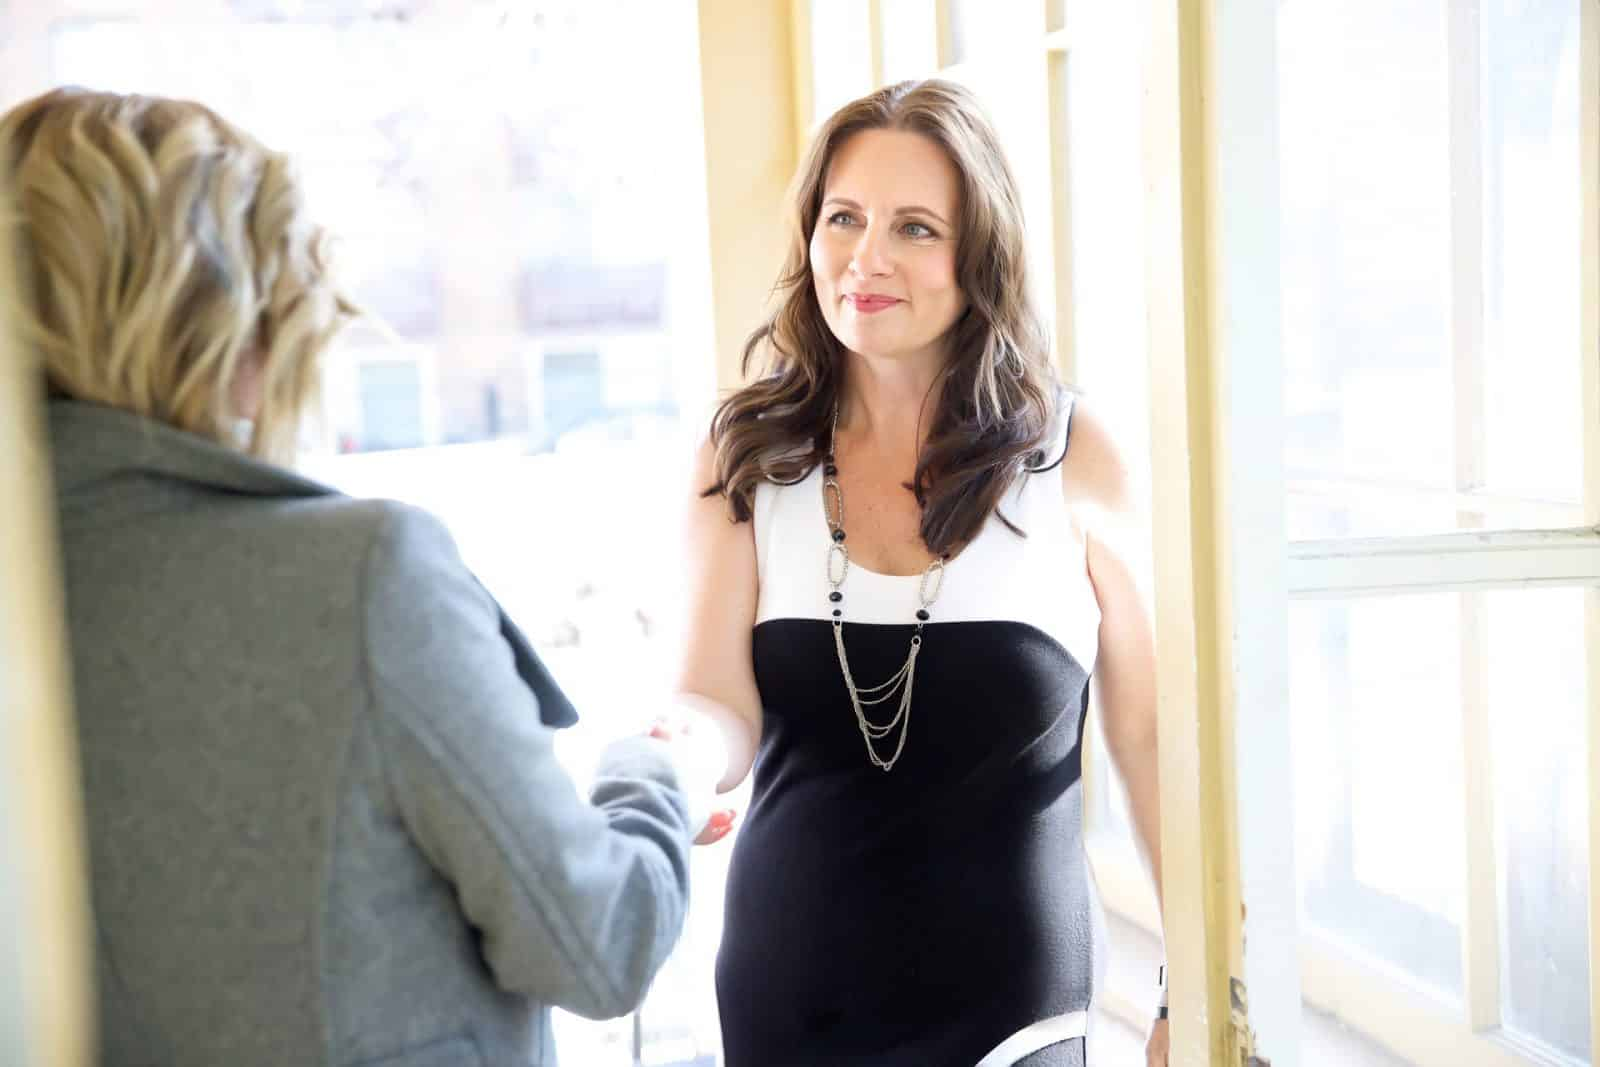 Comment réussir son entretien d'embauche grâce au storytelling